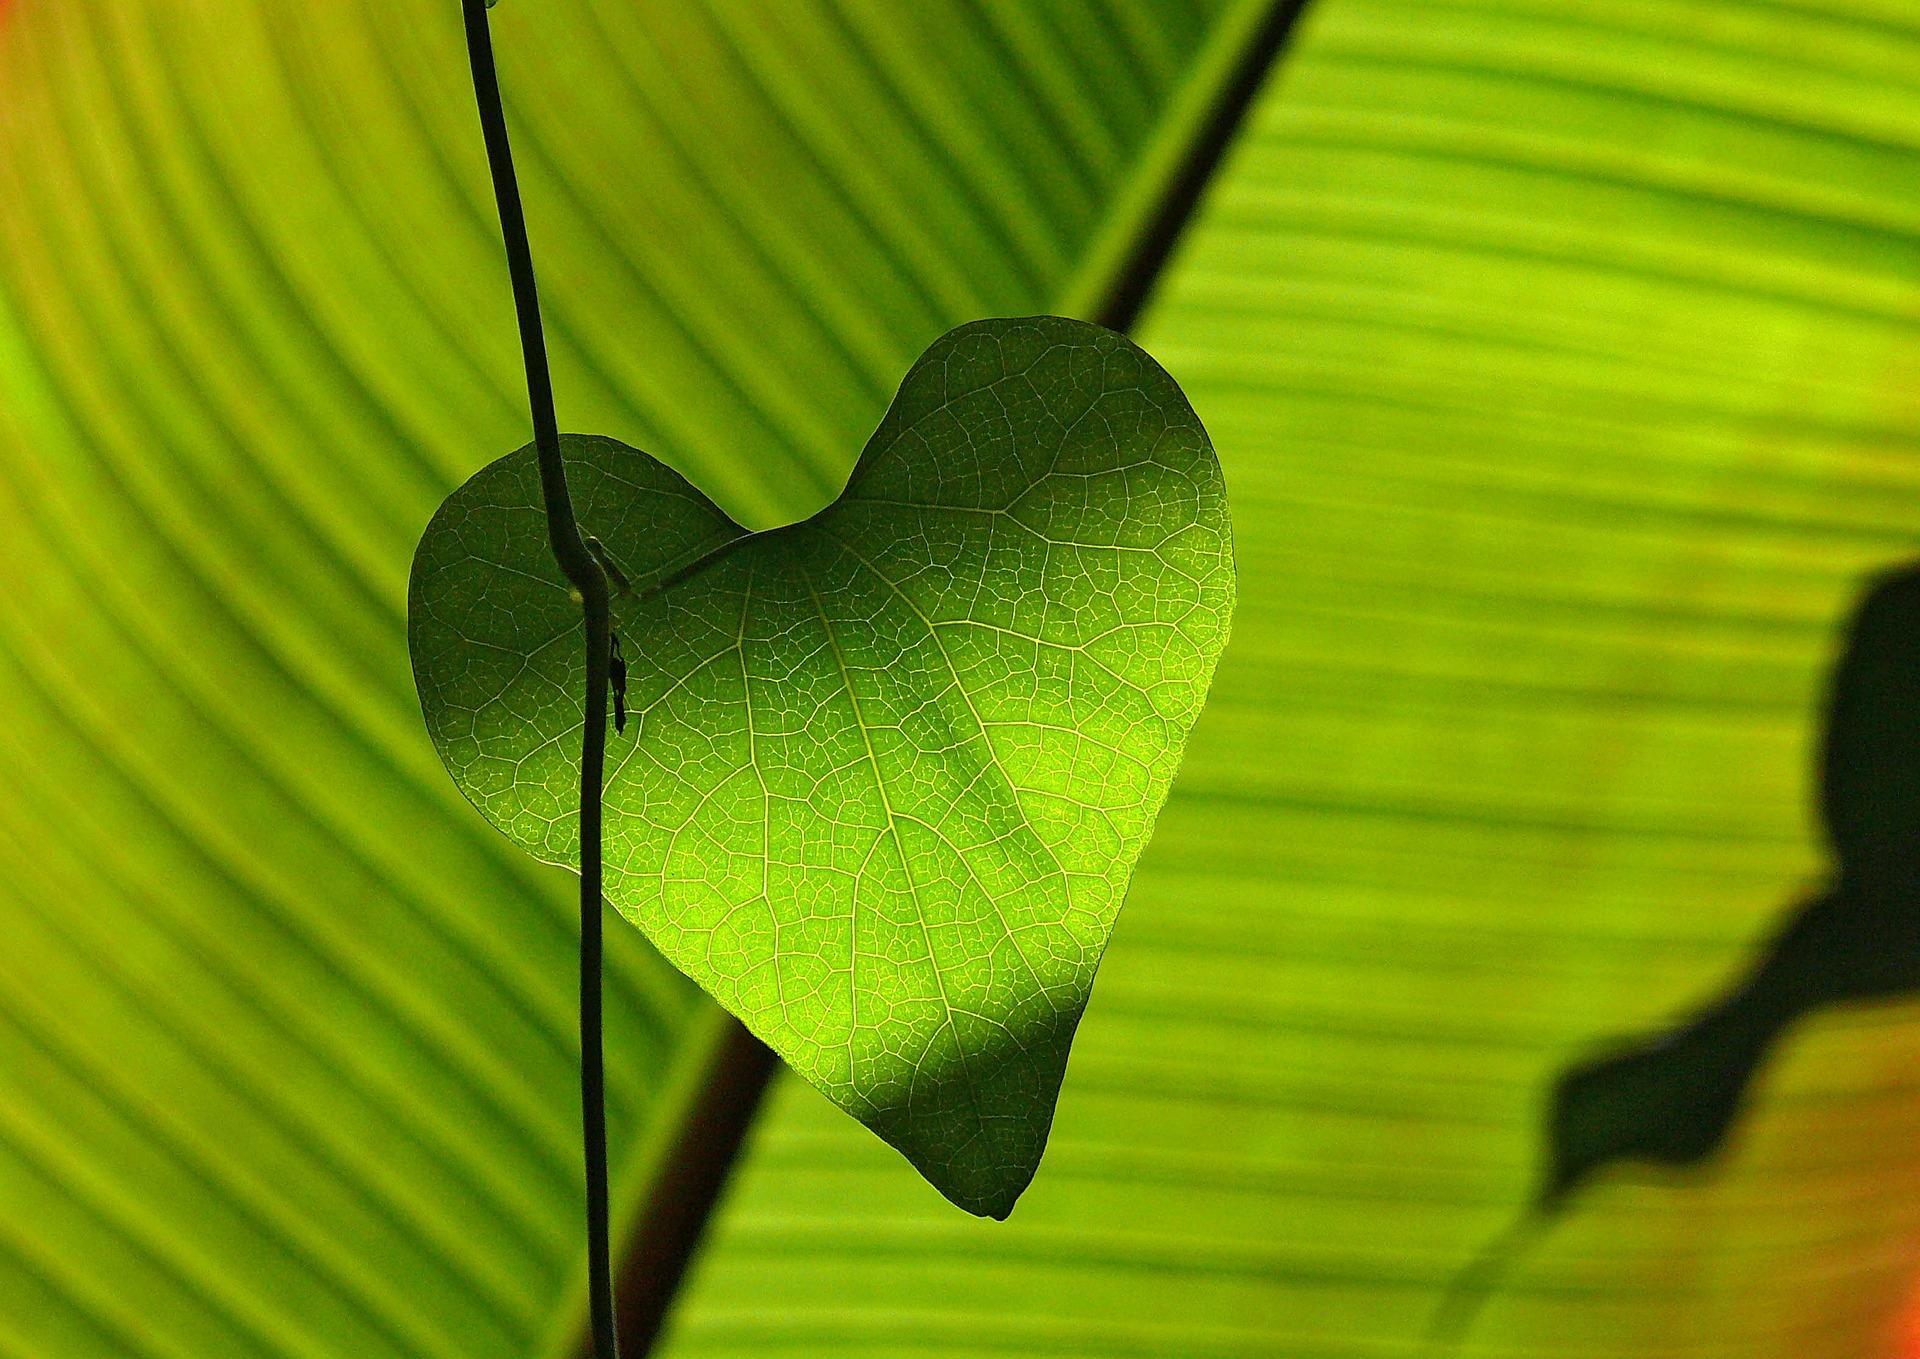 green-547400_1920.jpg